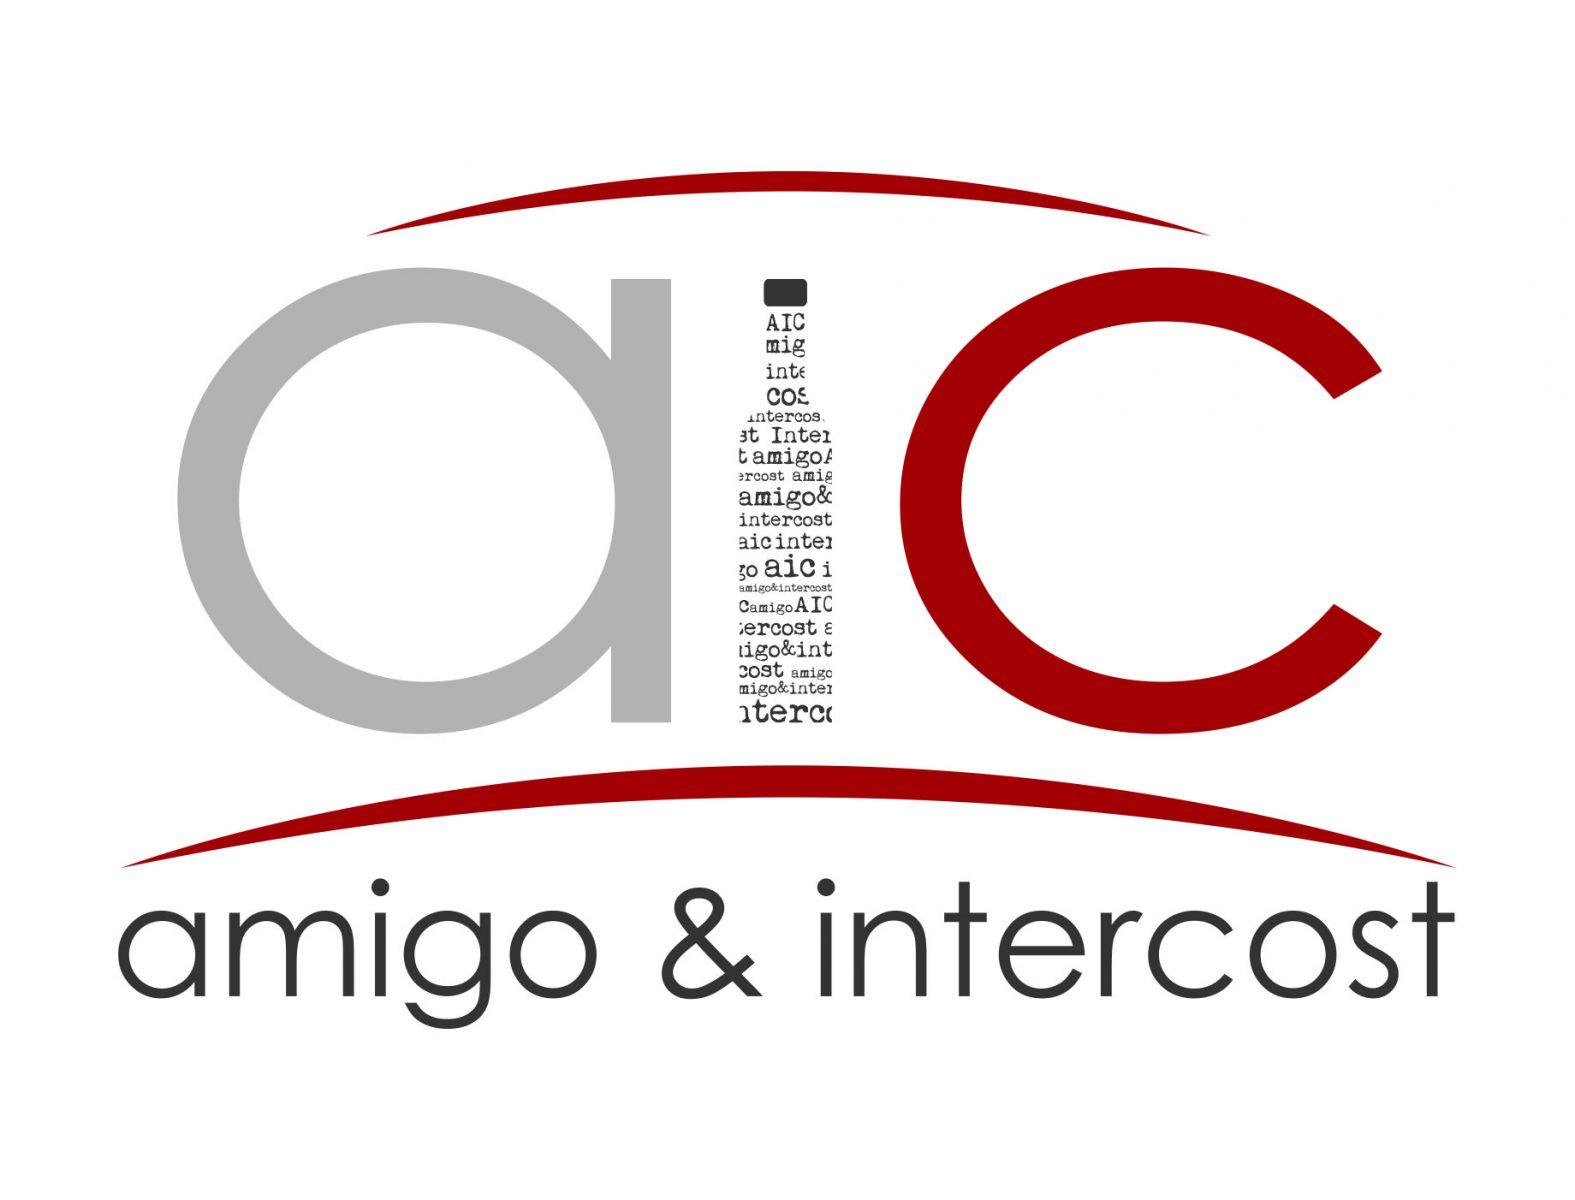 Amigo&Intercost